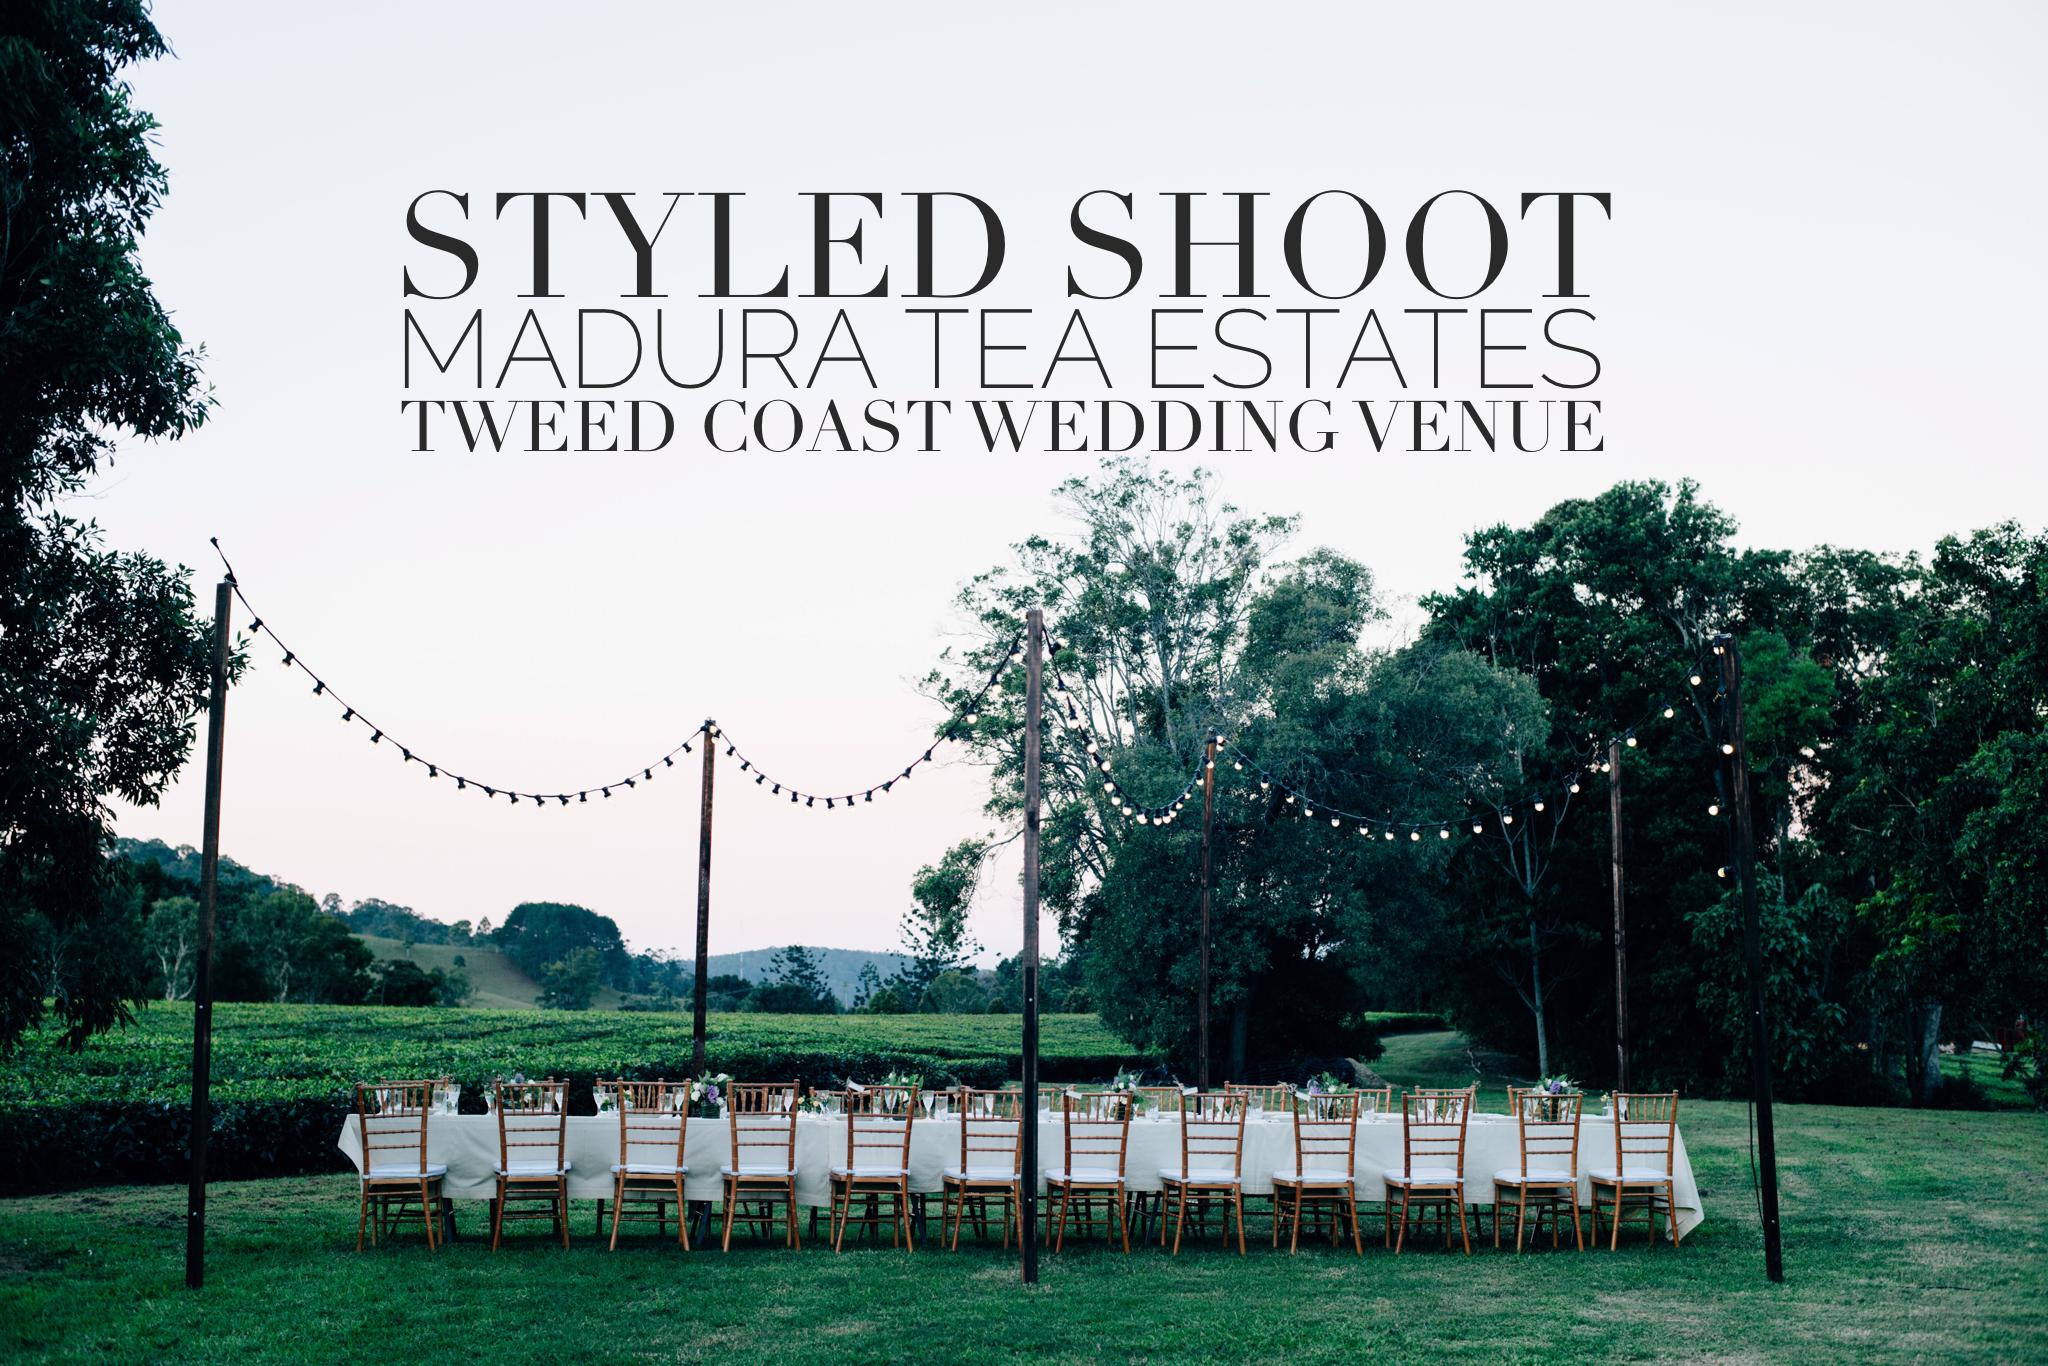 madera-tea-estate-wedding-venue-tweed-coast.jpg